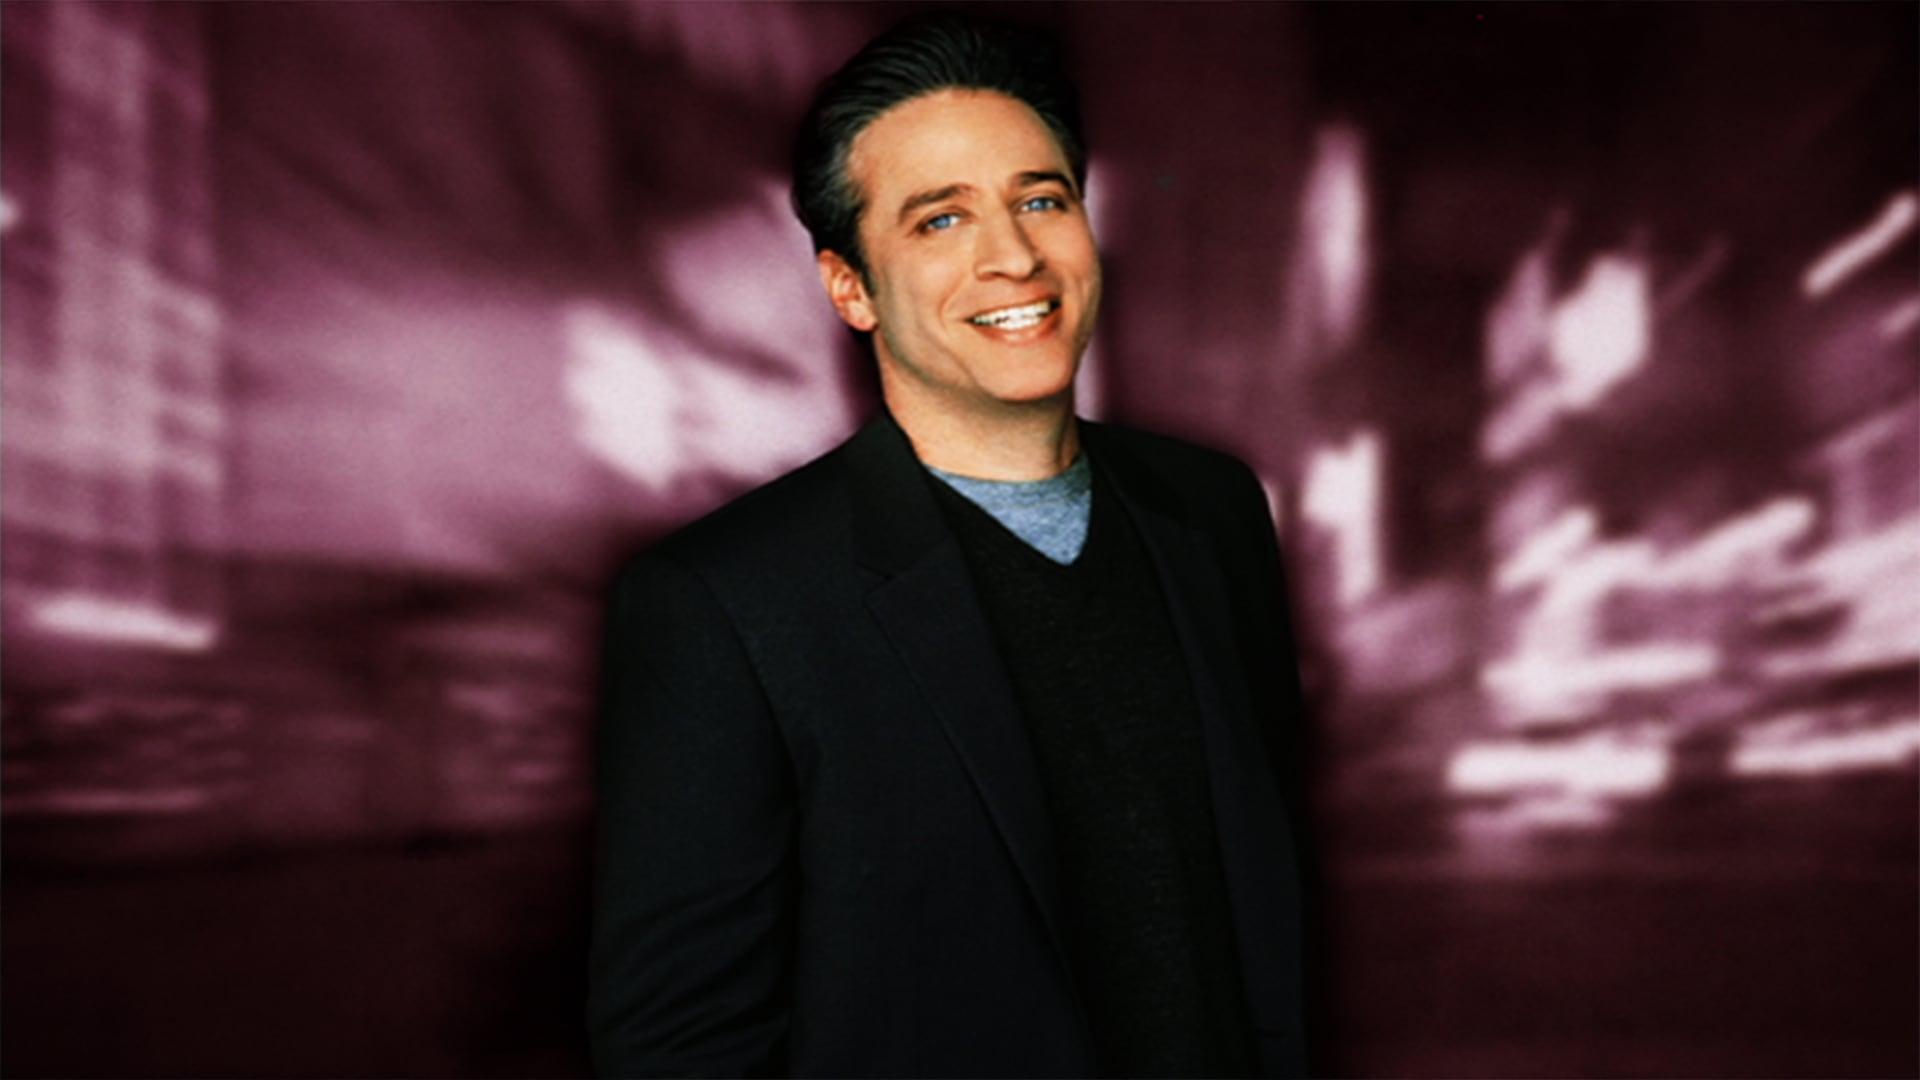 Jon Stewart: March 9, 2002